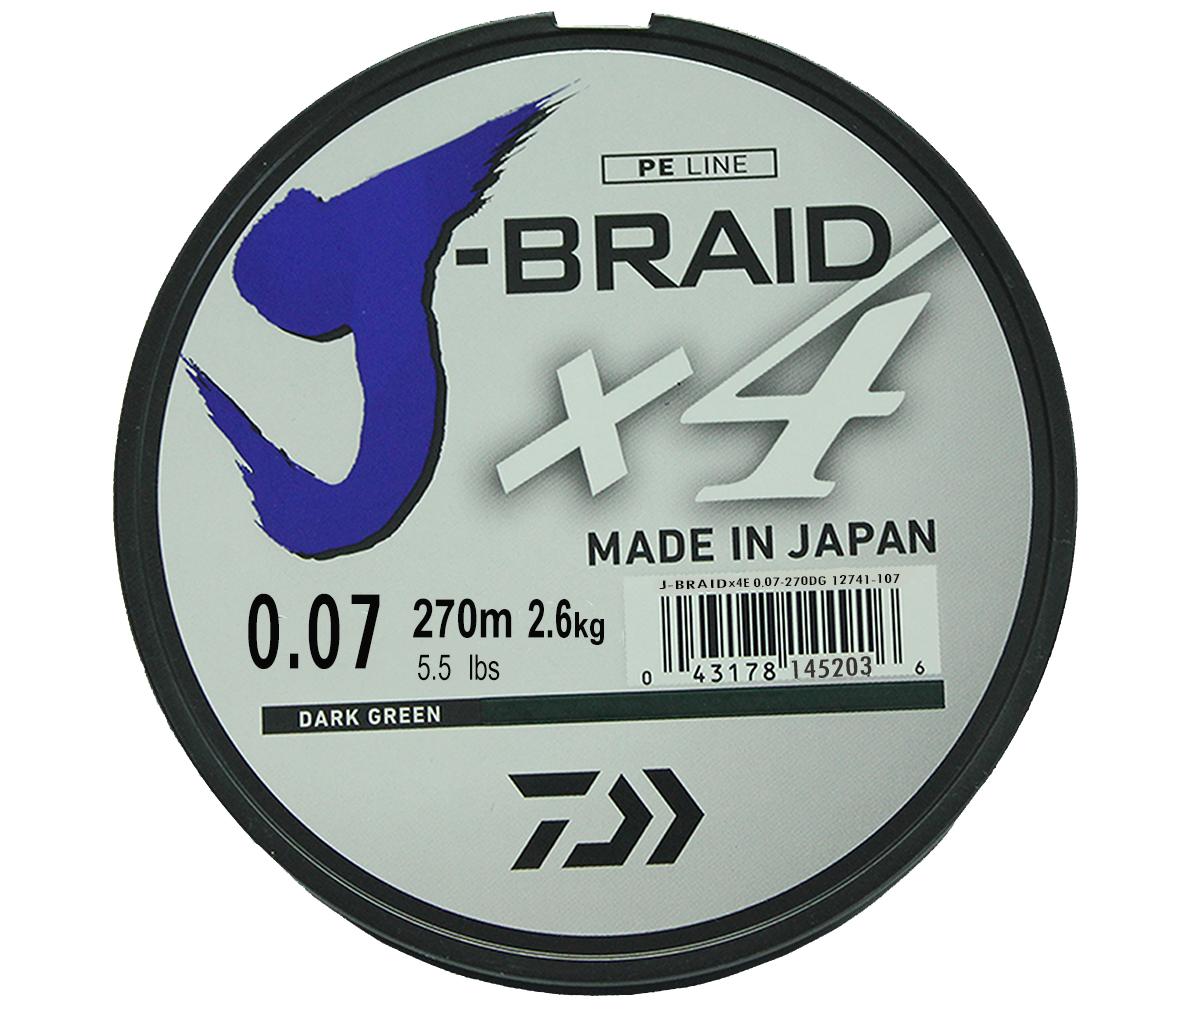 Шнур плетеный Daiwa J-Braid X4, цвет: зеленый, 270 м, 0,07 мм61168Новый 4х жильный шнур J-Braid, DAIWA - шнур высокого класса с удивительным соотношением цены и качества. Качество плетения полностьюсоответствует японским стандартам и удовлетворяет всем требованиям. Представленные диаметры позволяют использовать шнур для всех техникловли, начиная от ultra- light ловли окуня, до морской ловли палтуса, трески и т.д